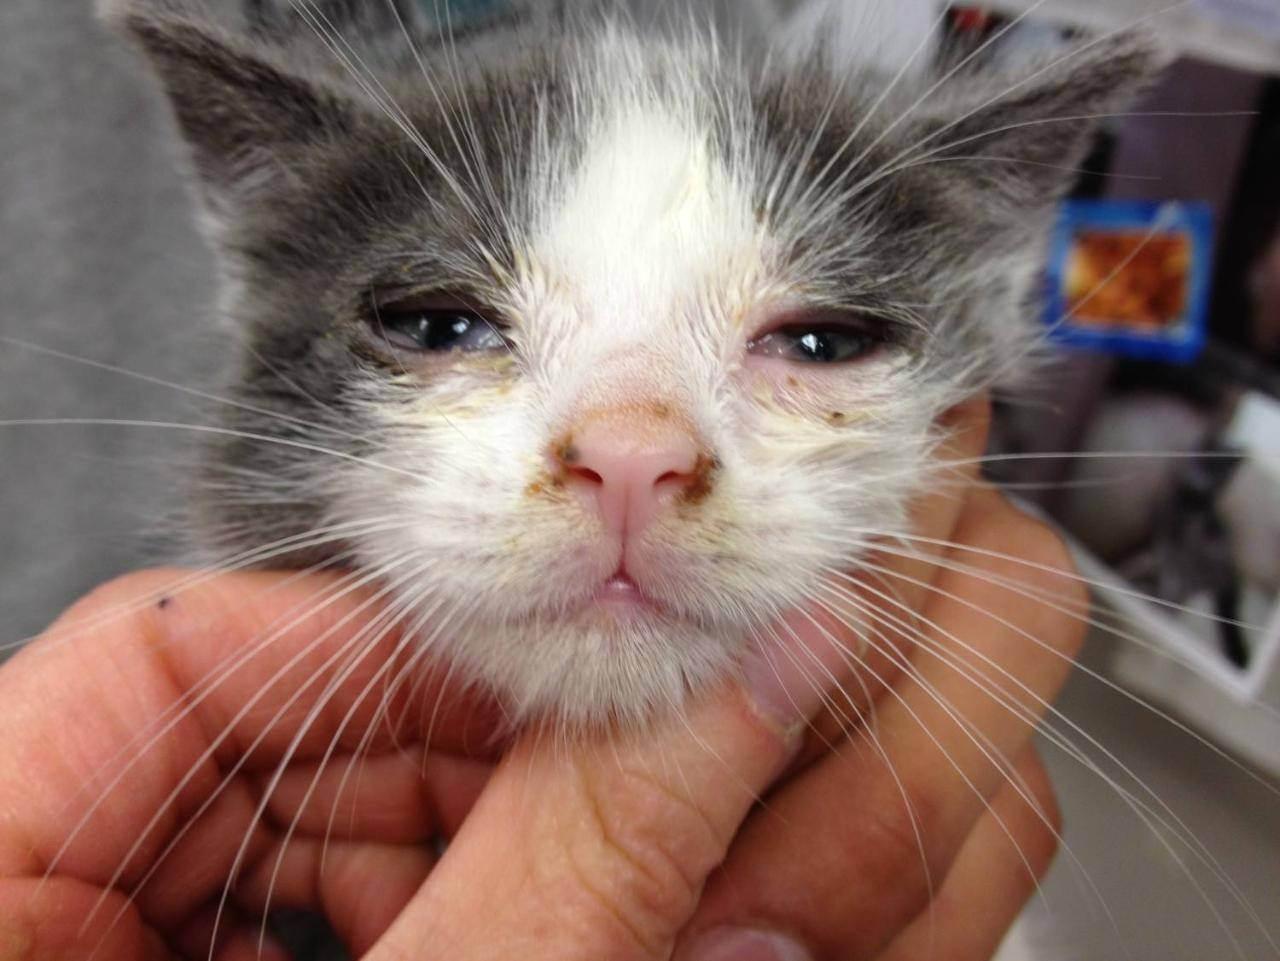 Кот чихает: причины и что делать, если при чихании слезятся глаза, чем лечить котёнка и кошку в домашних условиях